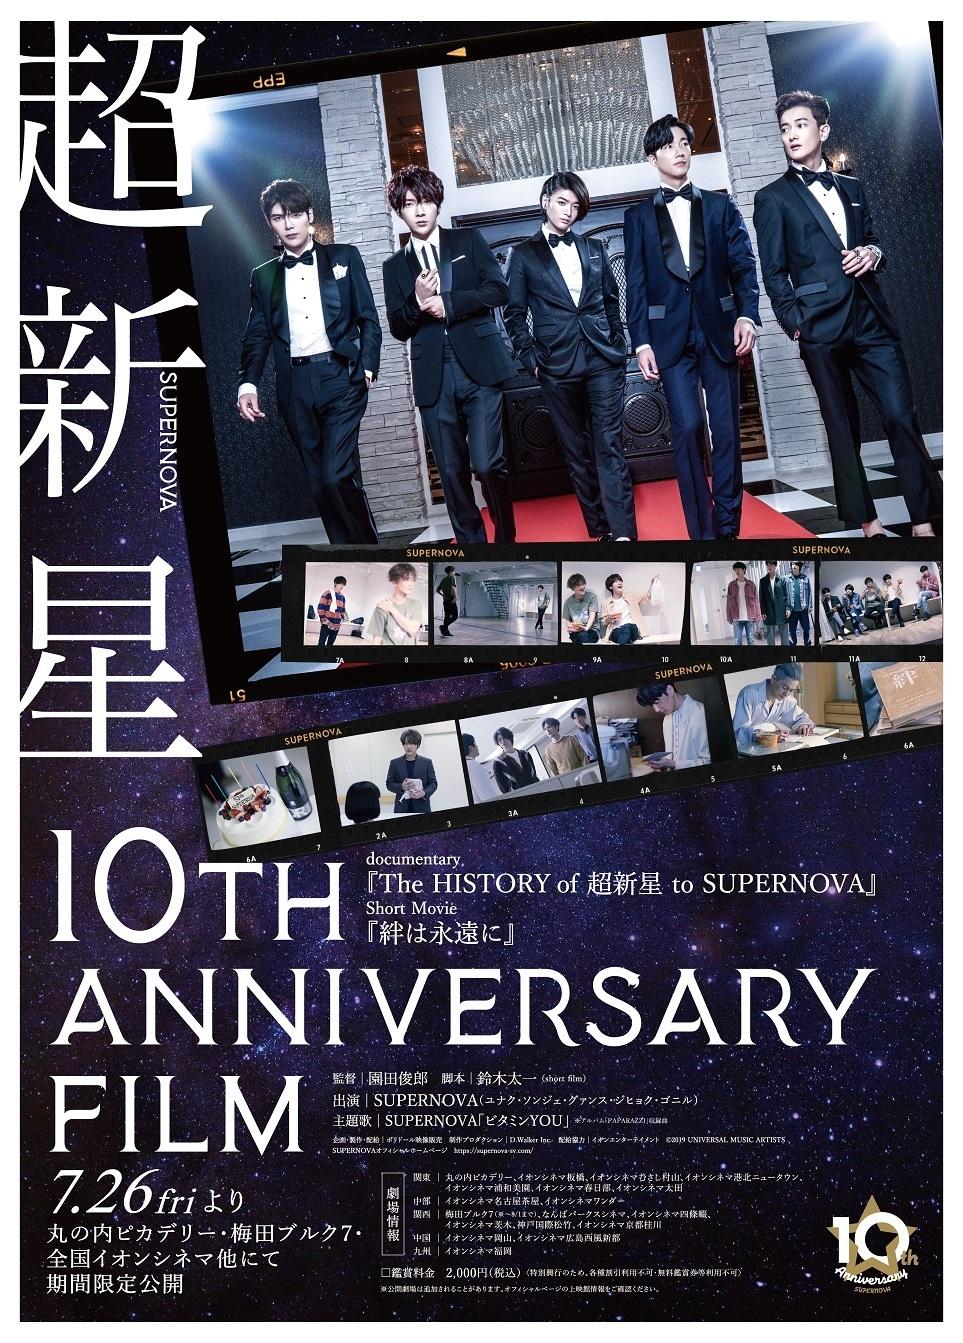 超新星10th Anniversary Film~絆は永遠に~画像